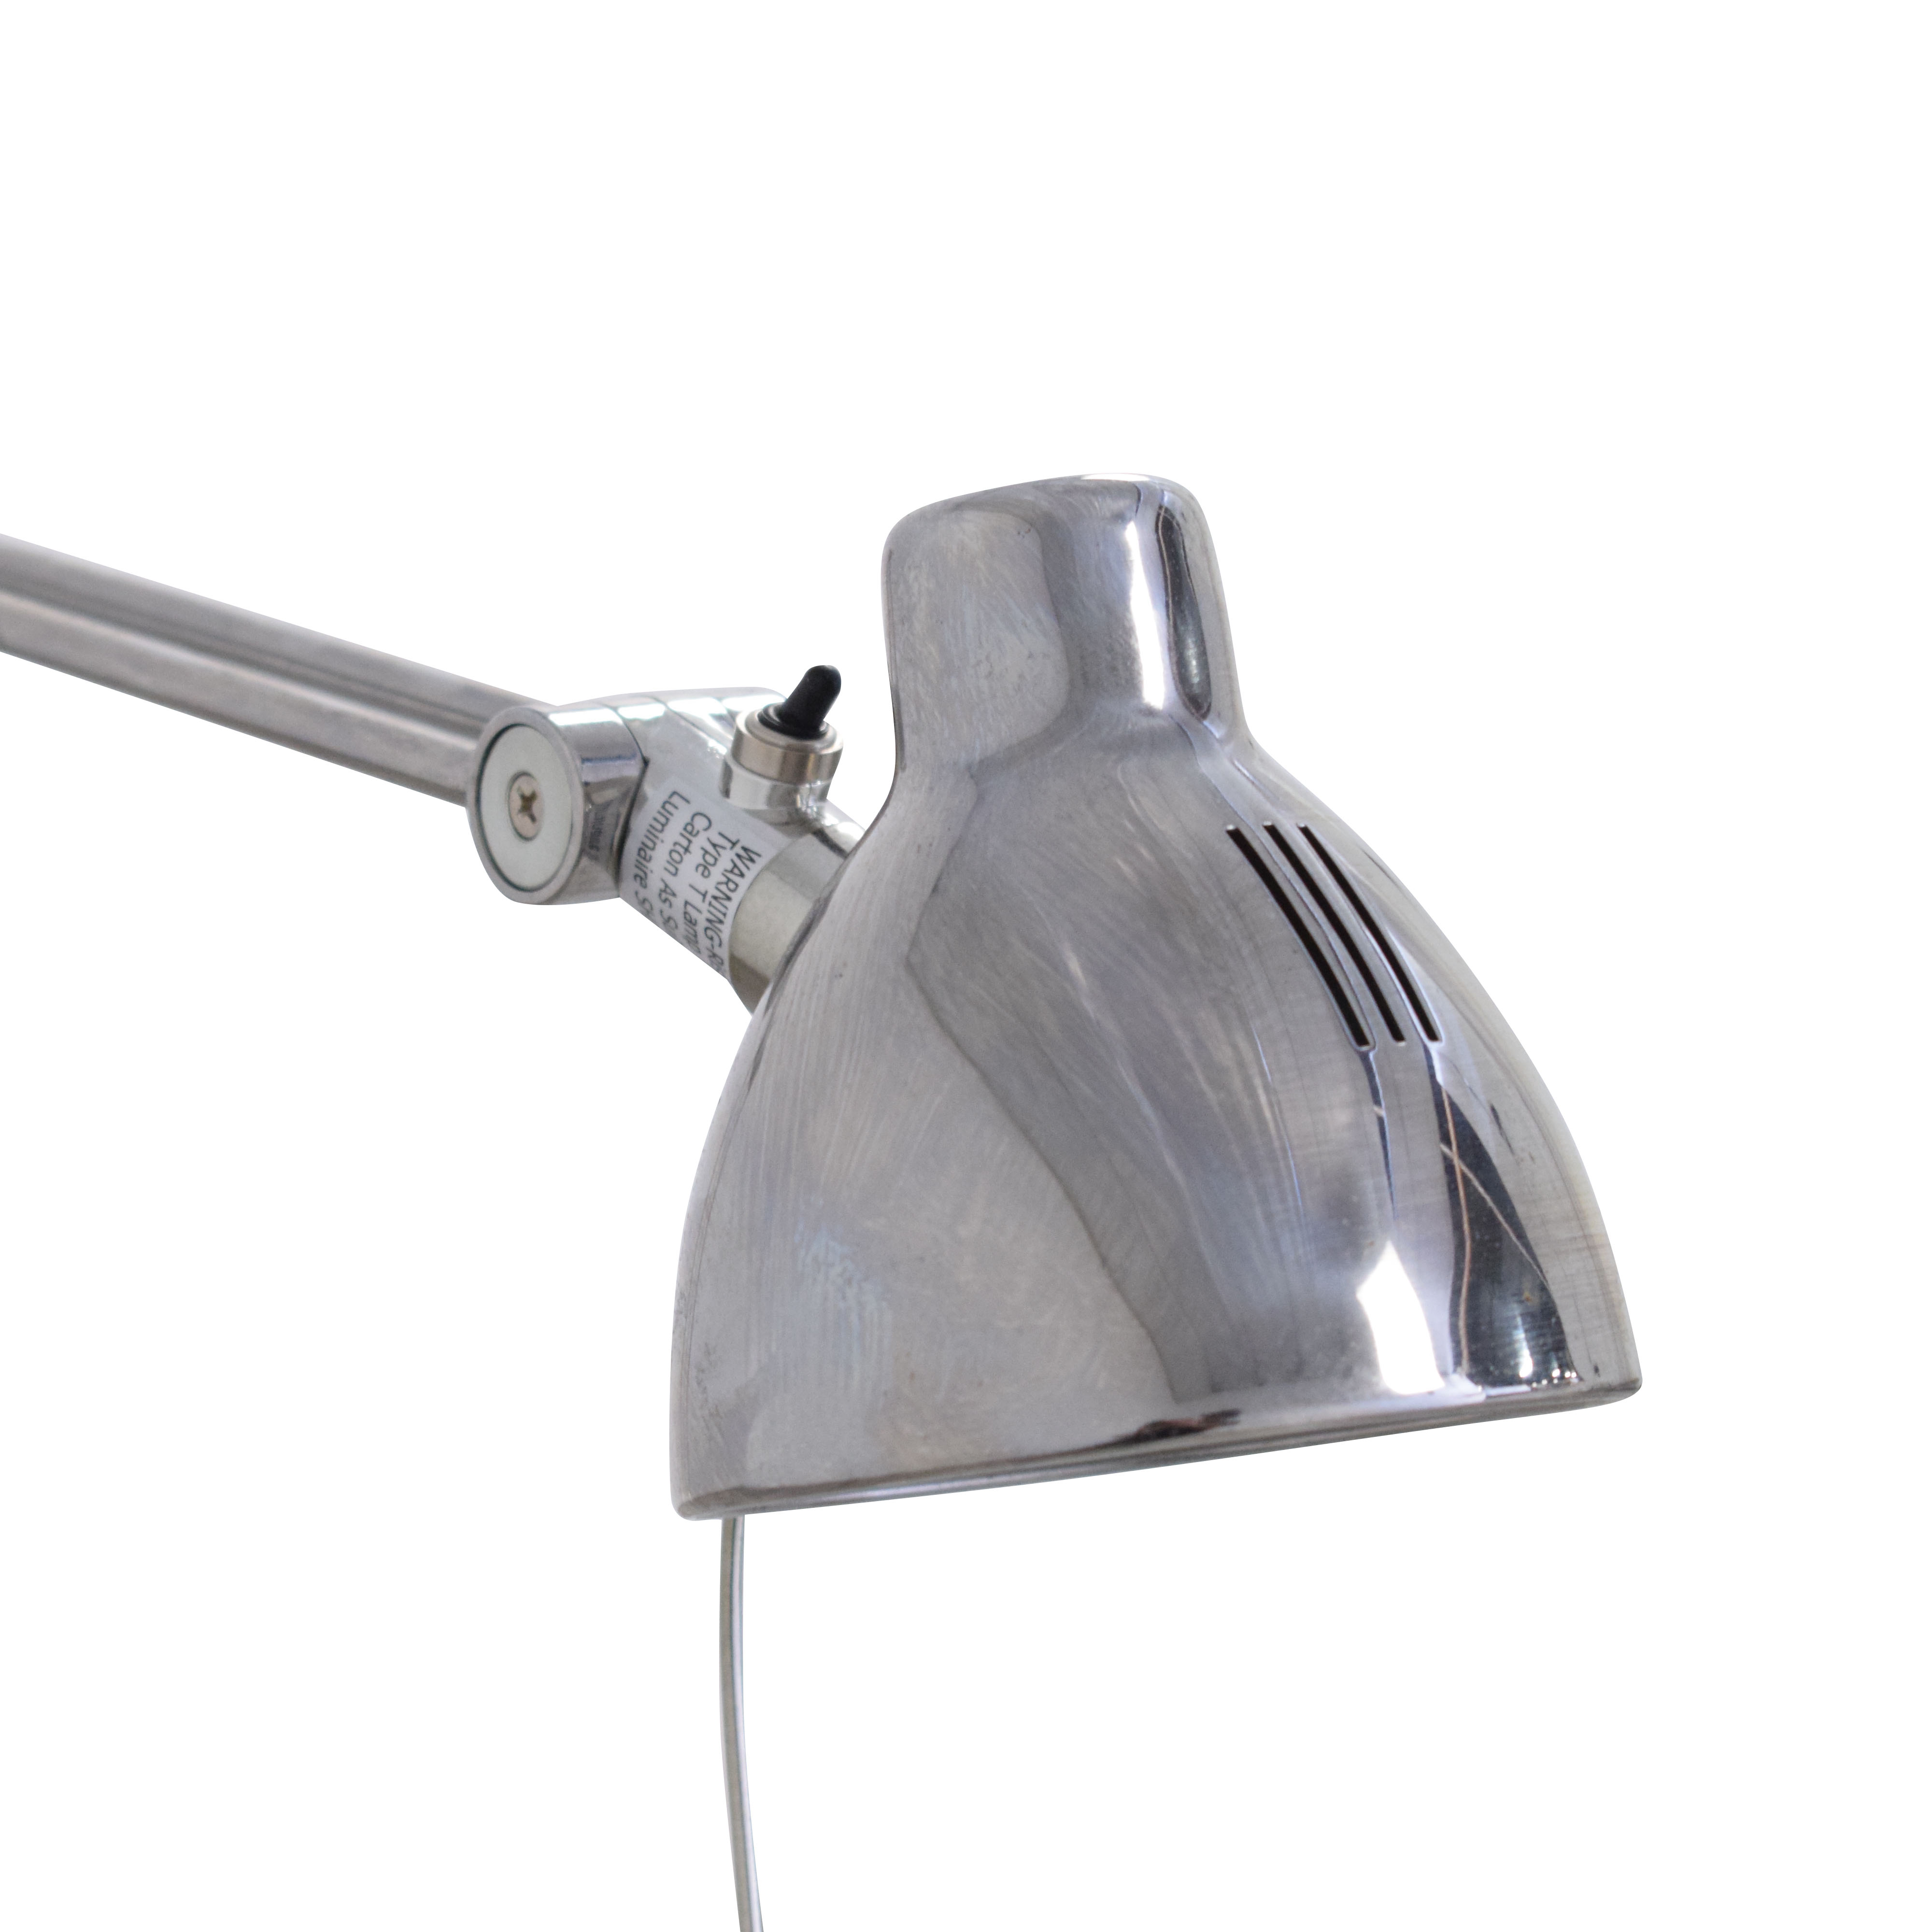 IKEA IKEA Chrome Extendable Floor Lamp for sale